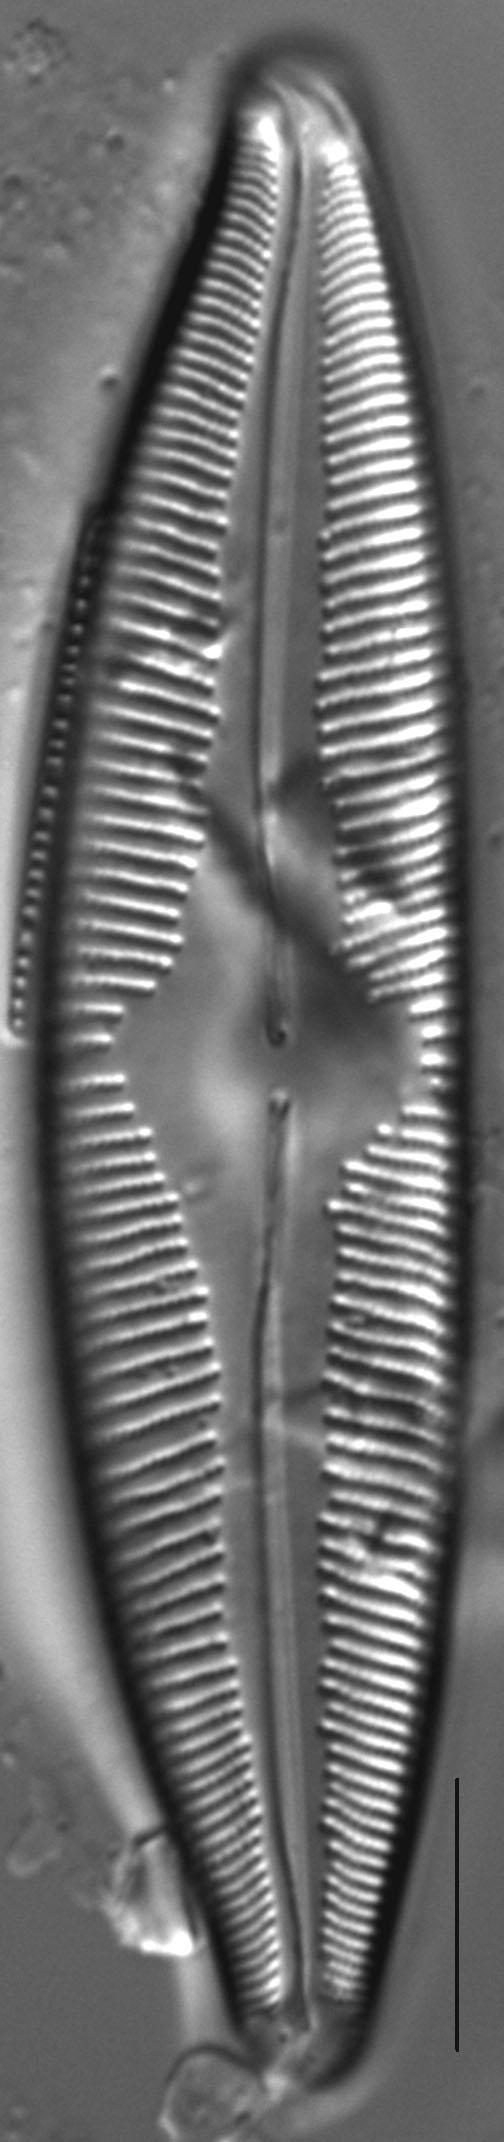 Cymbopleura edlundii LM3